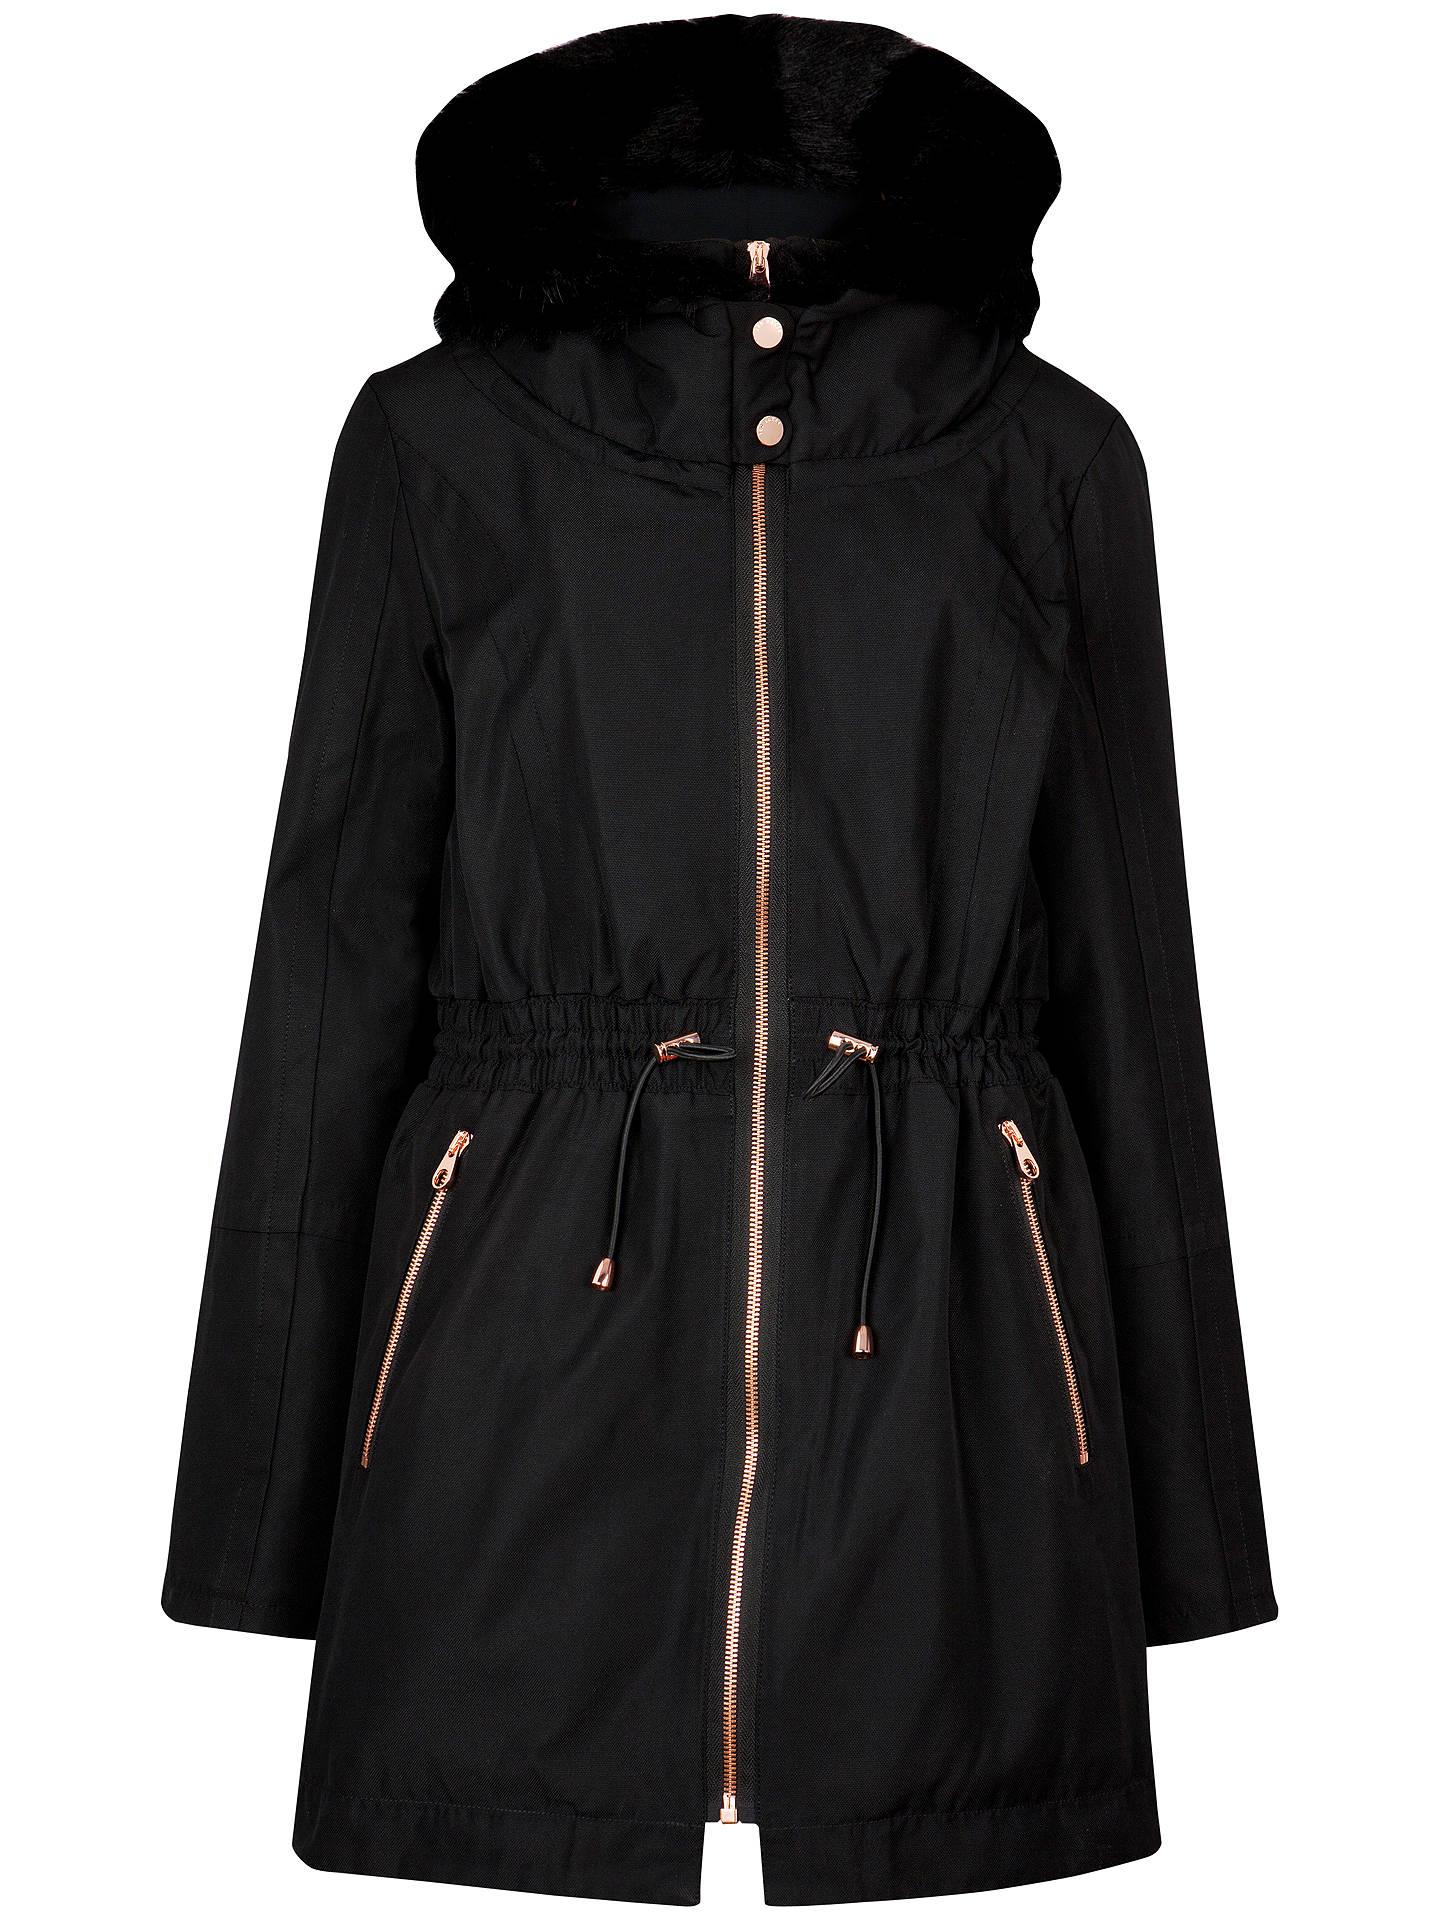 8b762c1001dd Buy Ted Baker Ruye Faux Fur Trimmed Parka Coat